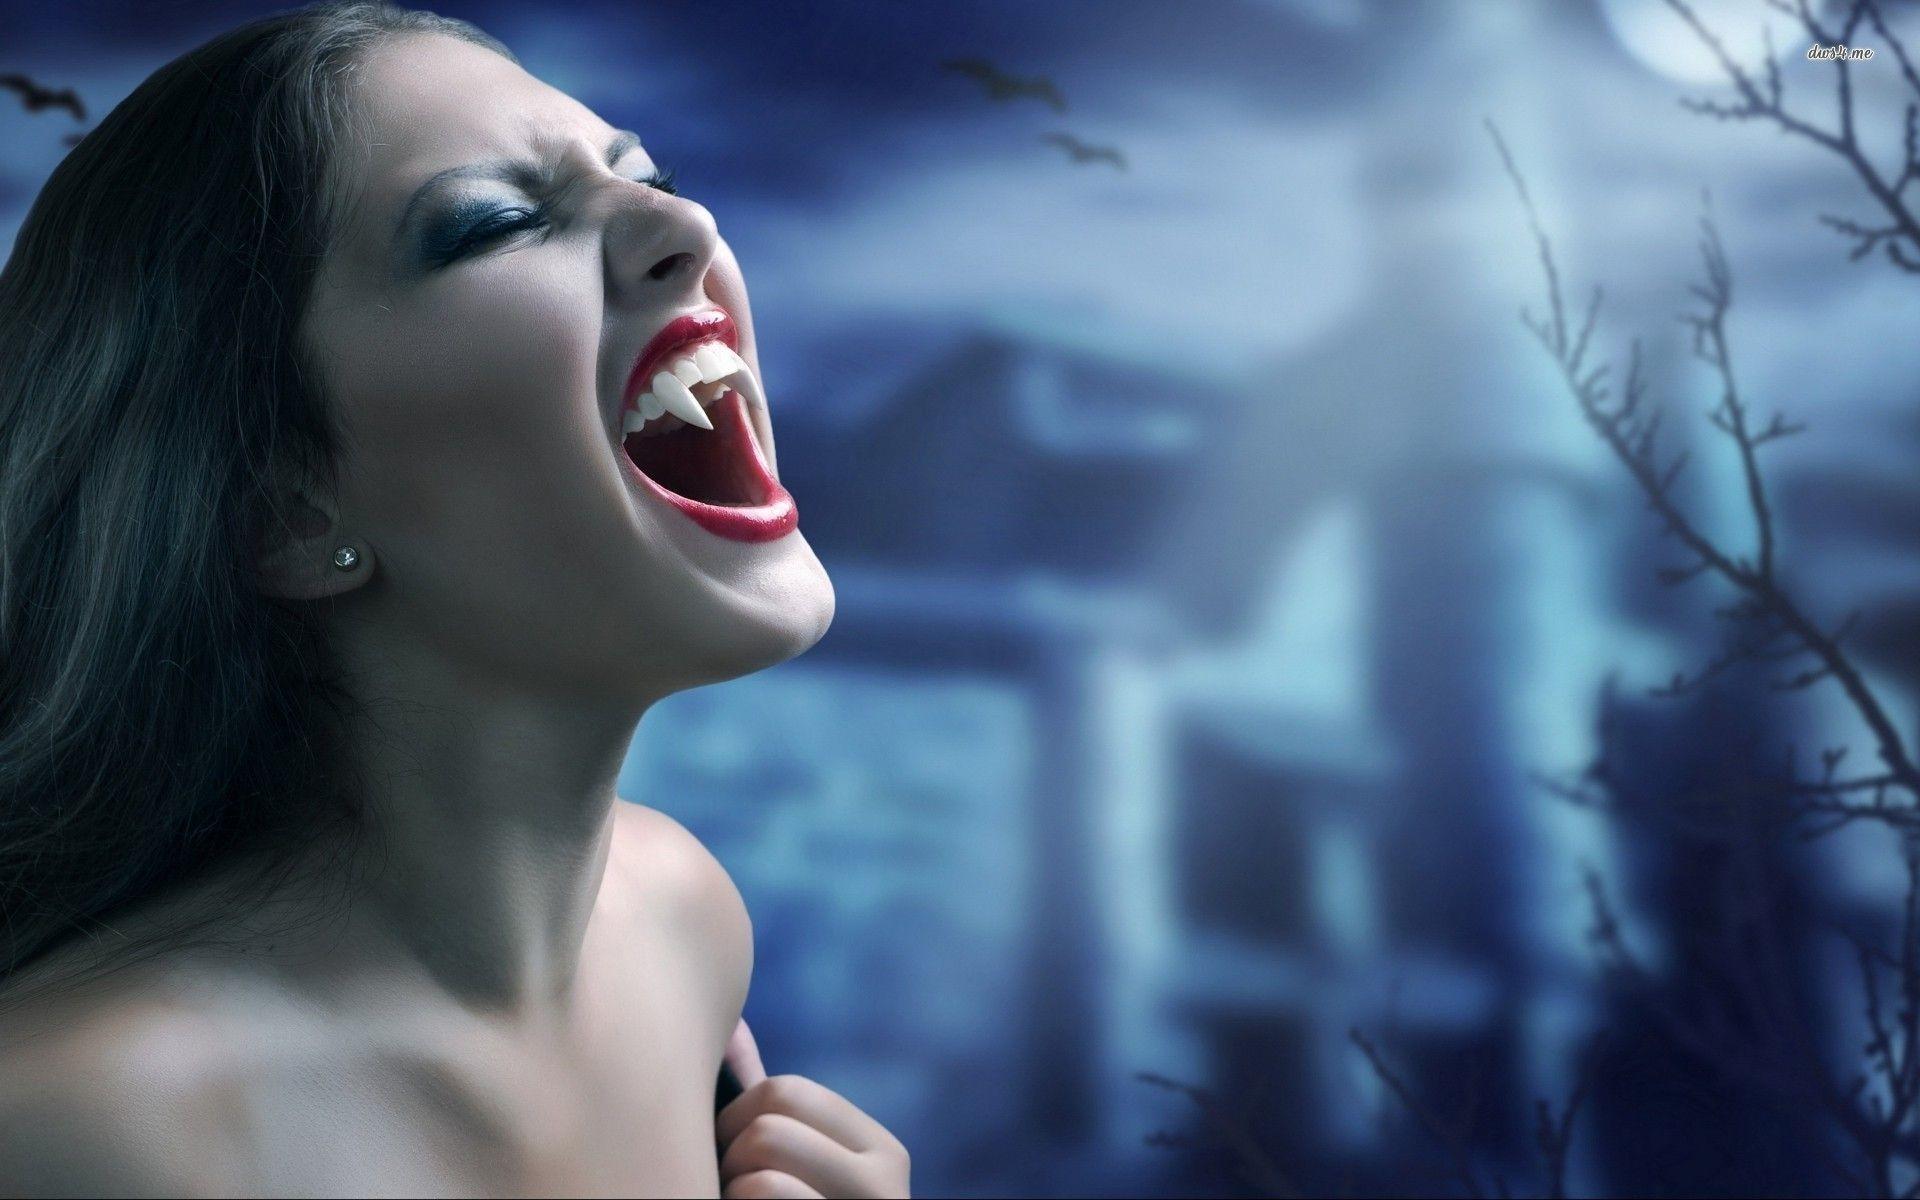 … vampire wallpaper …